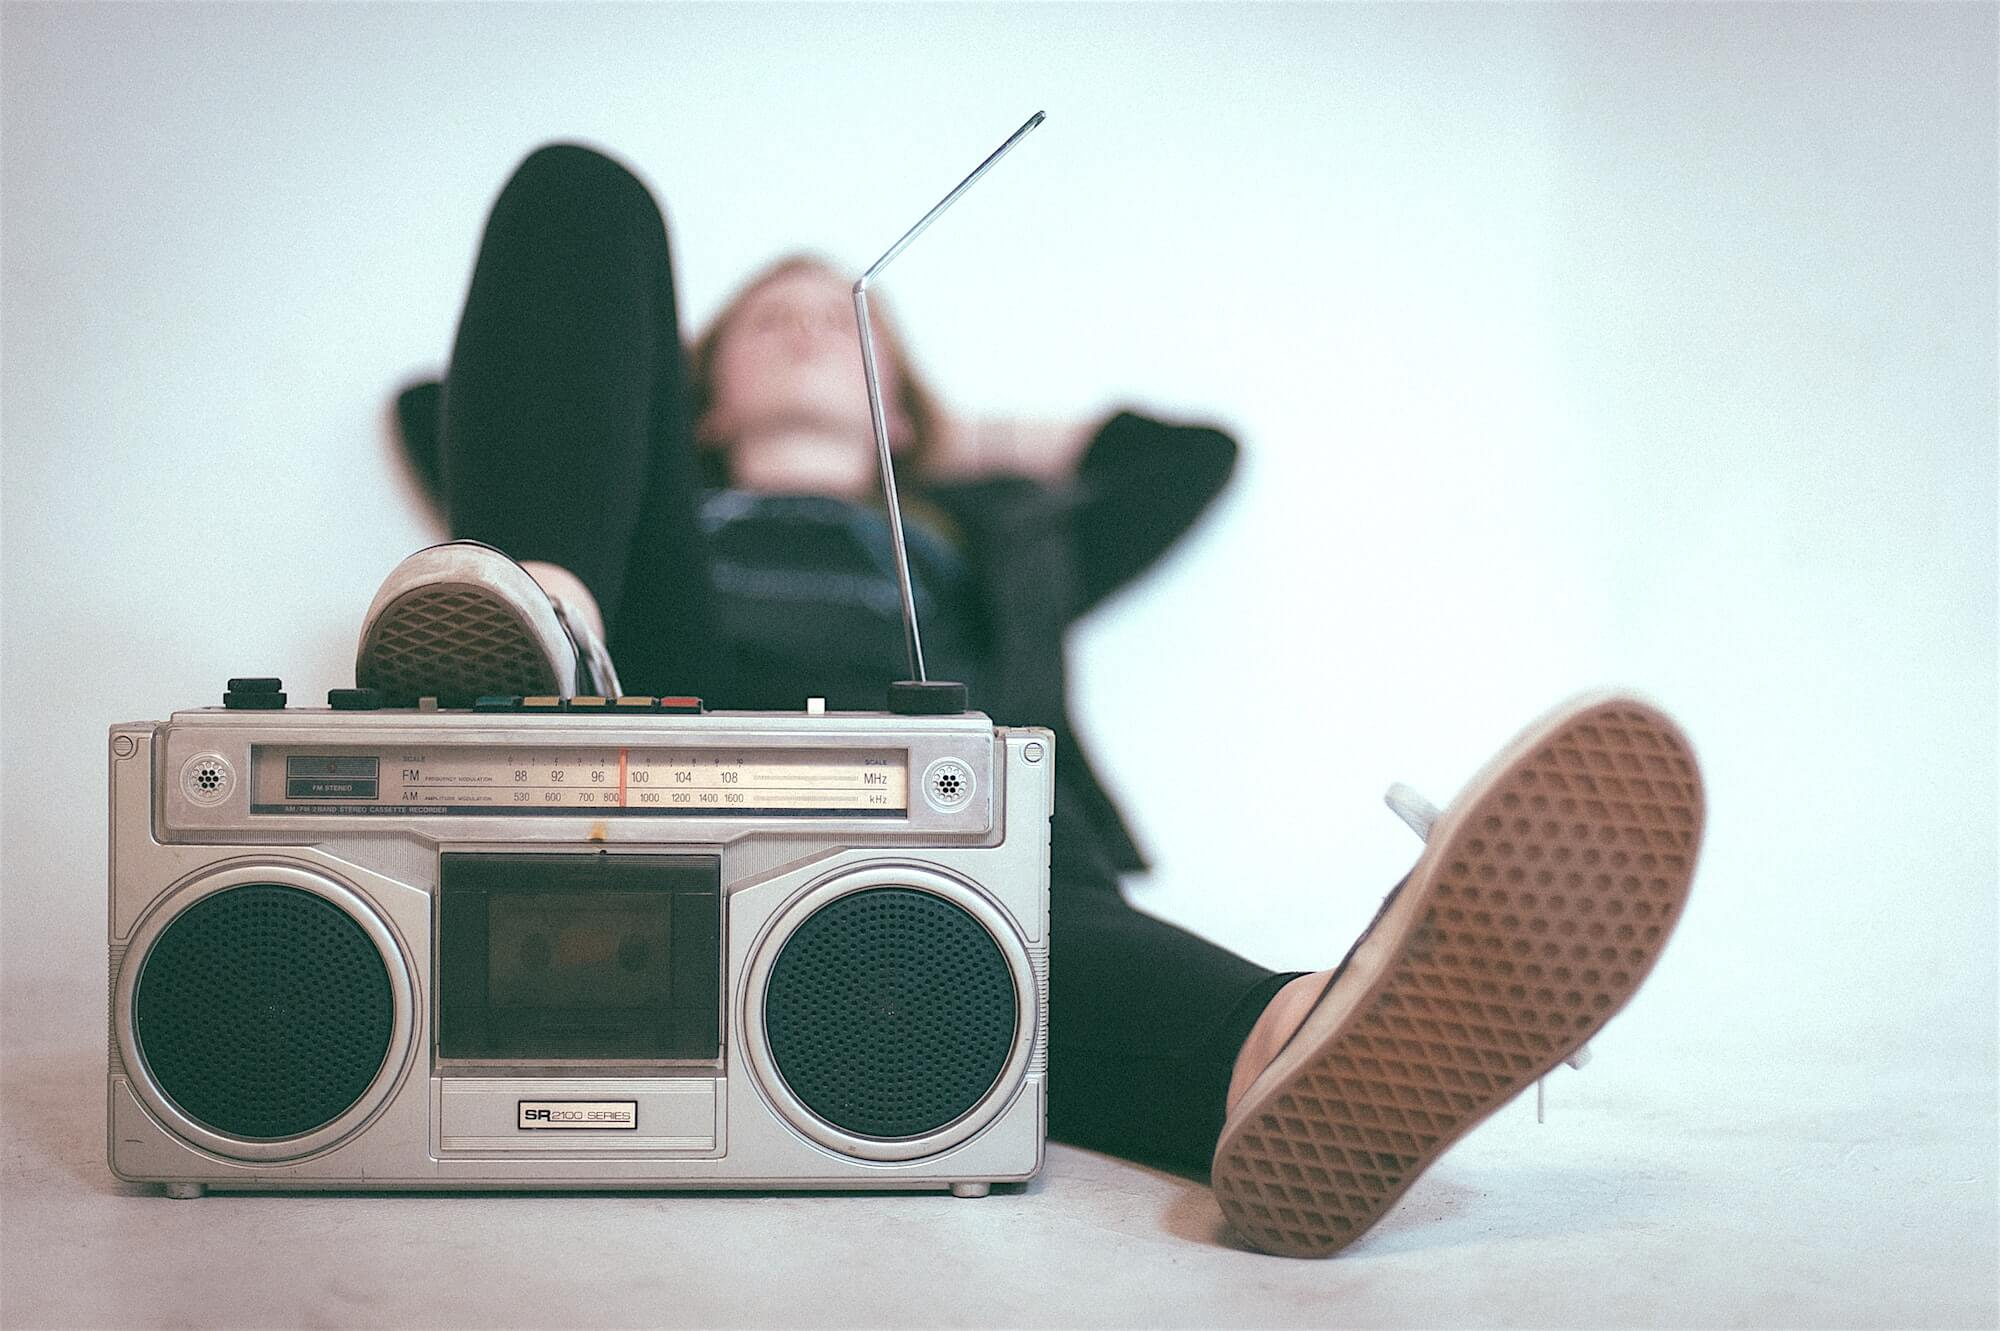 Вышли на пенсию — обсуждаем когда-то популярные аудиогаджеты, которые уже «устарели» - 1